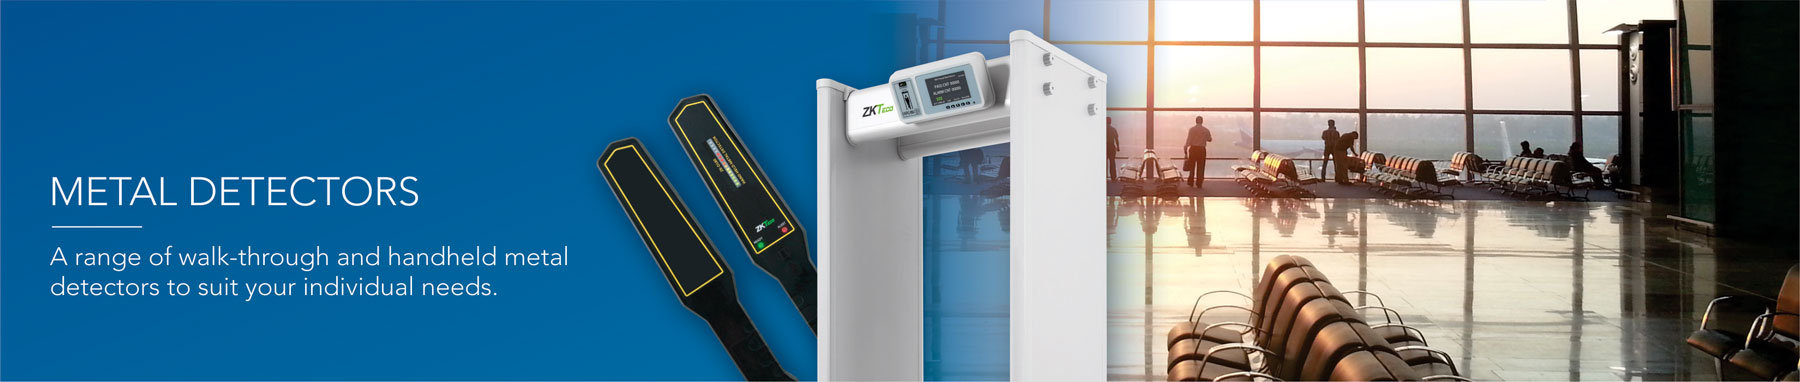 ERSBio-Metal-Detectors-Home-Banner